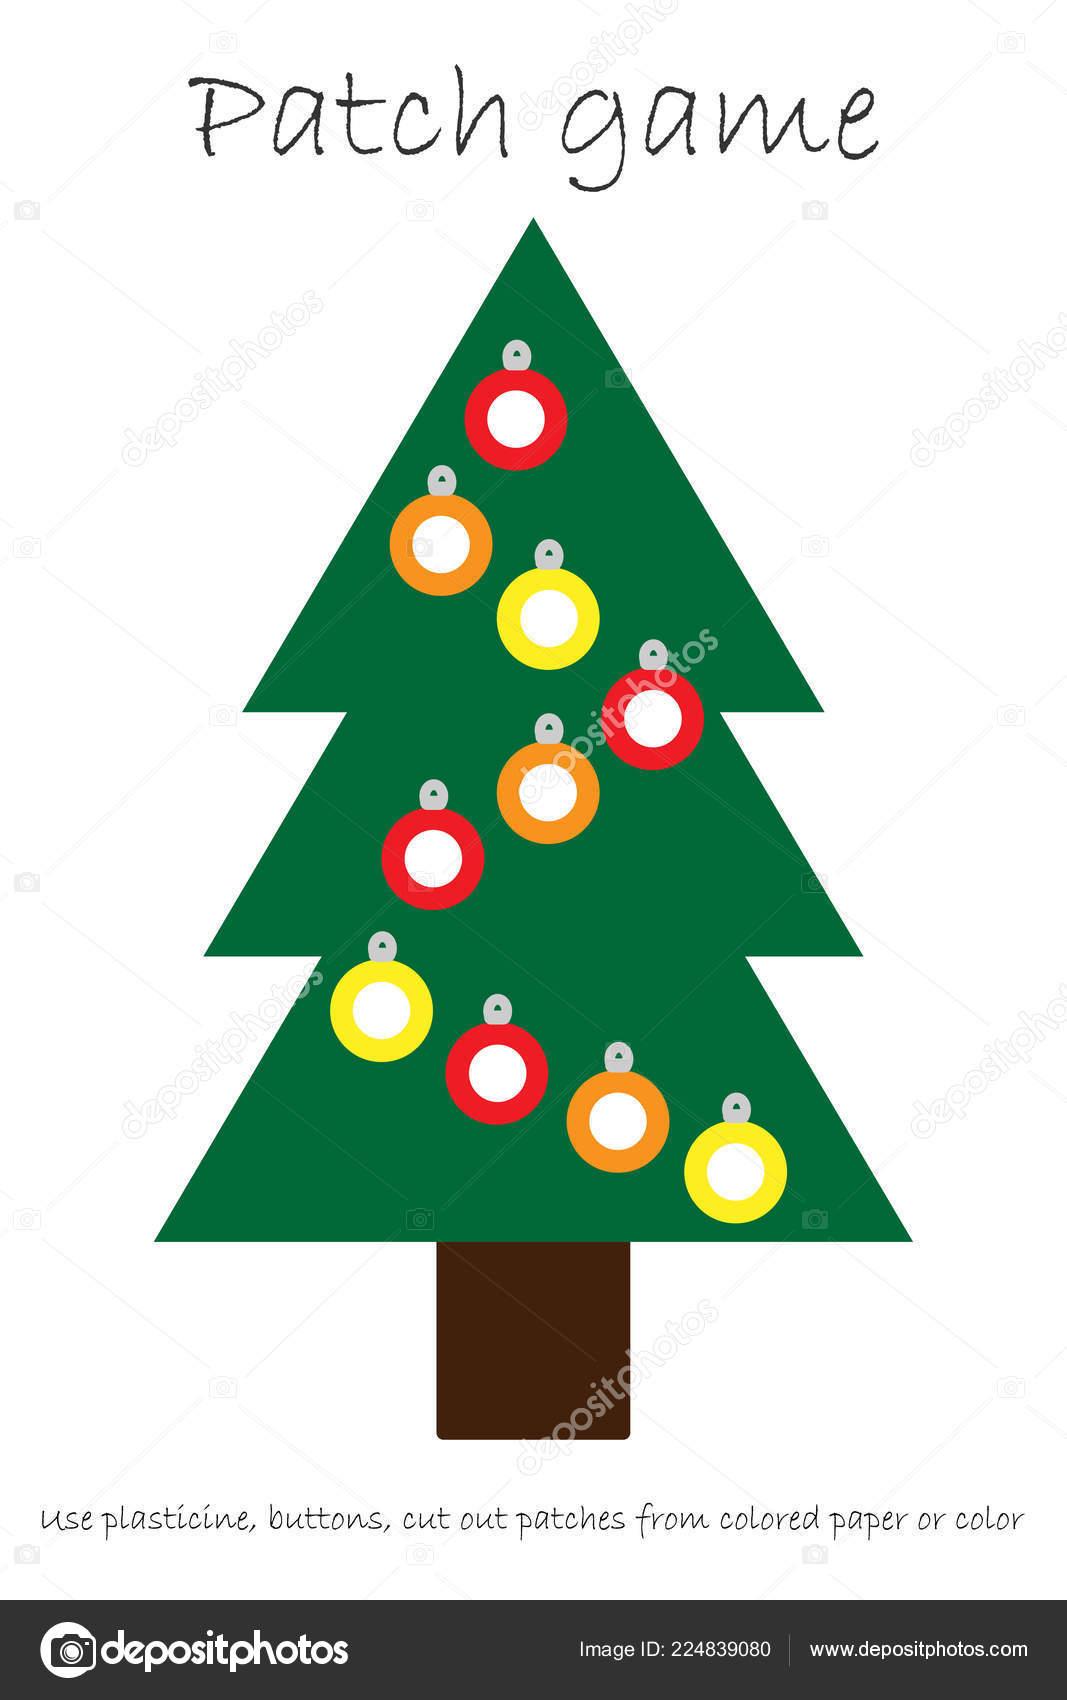 Educacion Parche Juego Arbol Navidad Para Los Ninos Desarrollar